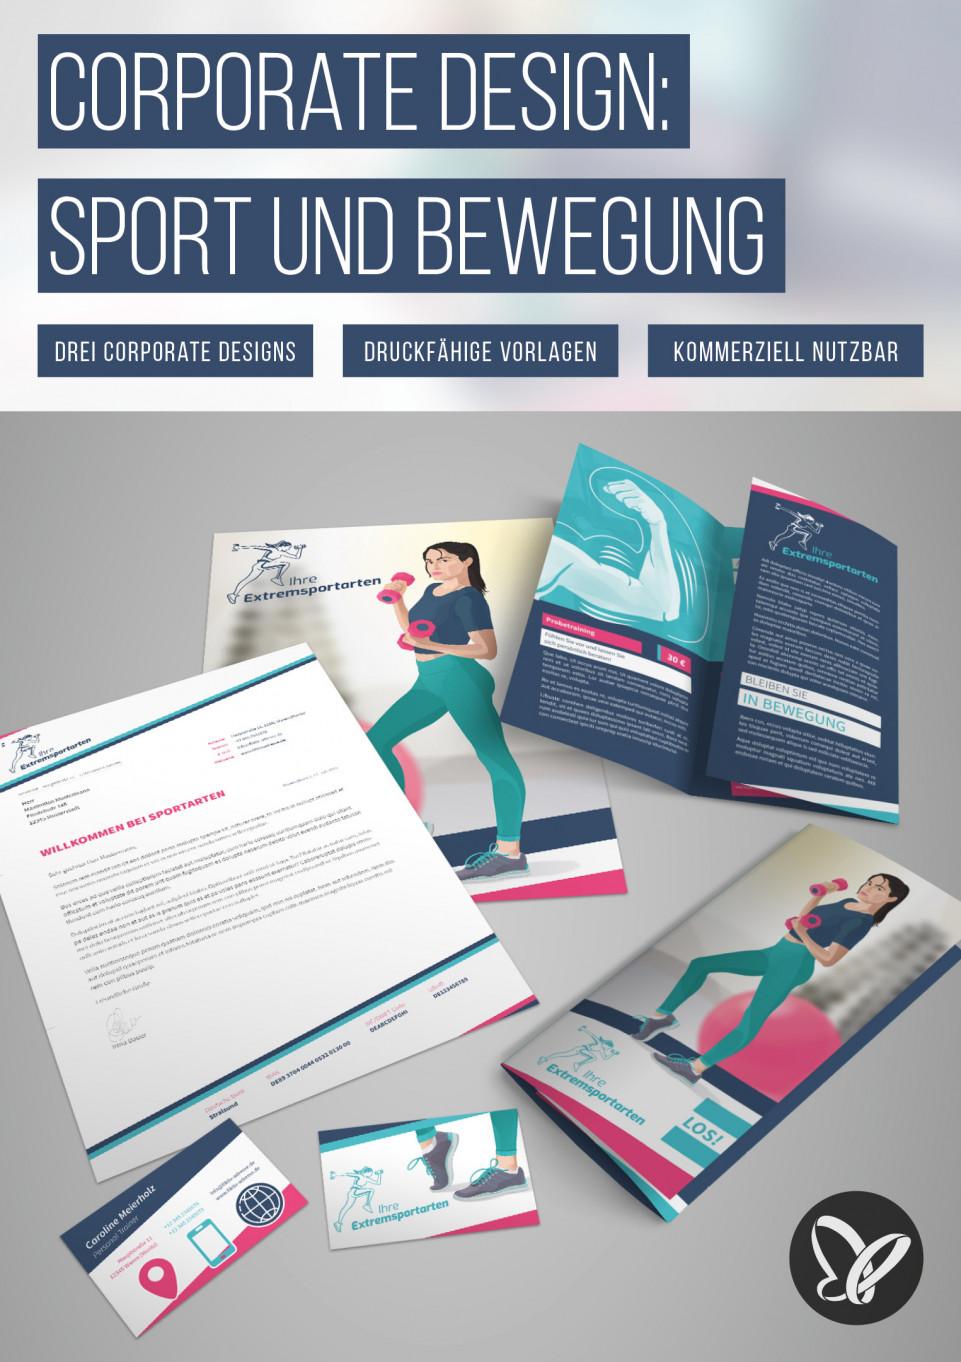 Corporate Design – die Komplettausstattung für Sport und Bewegung